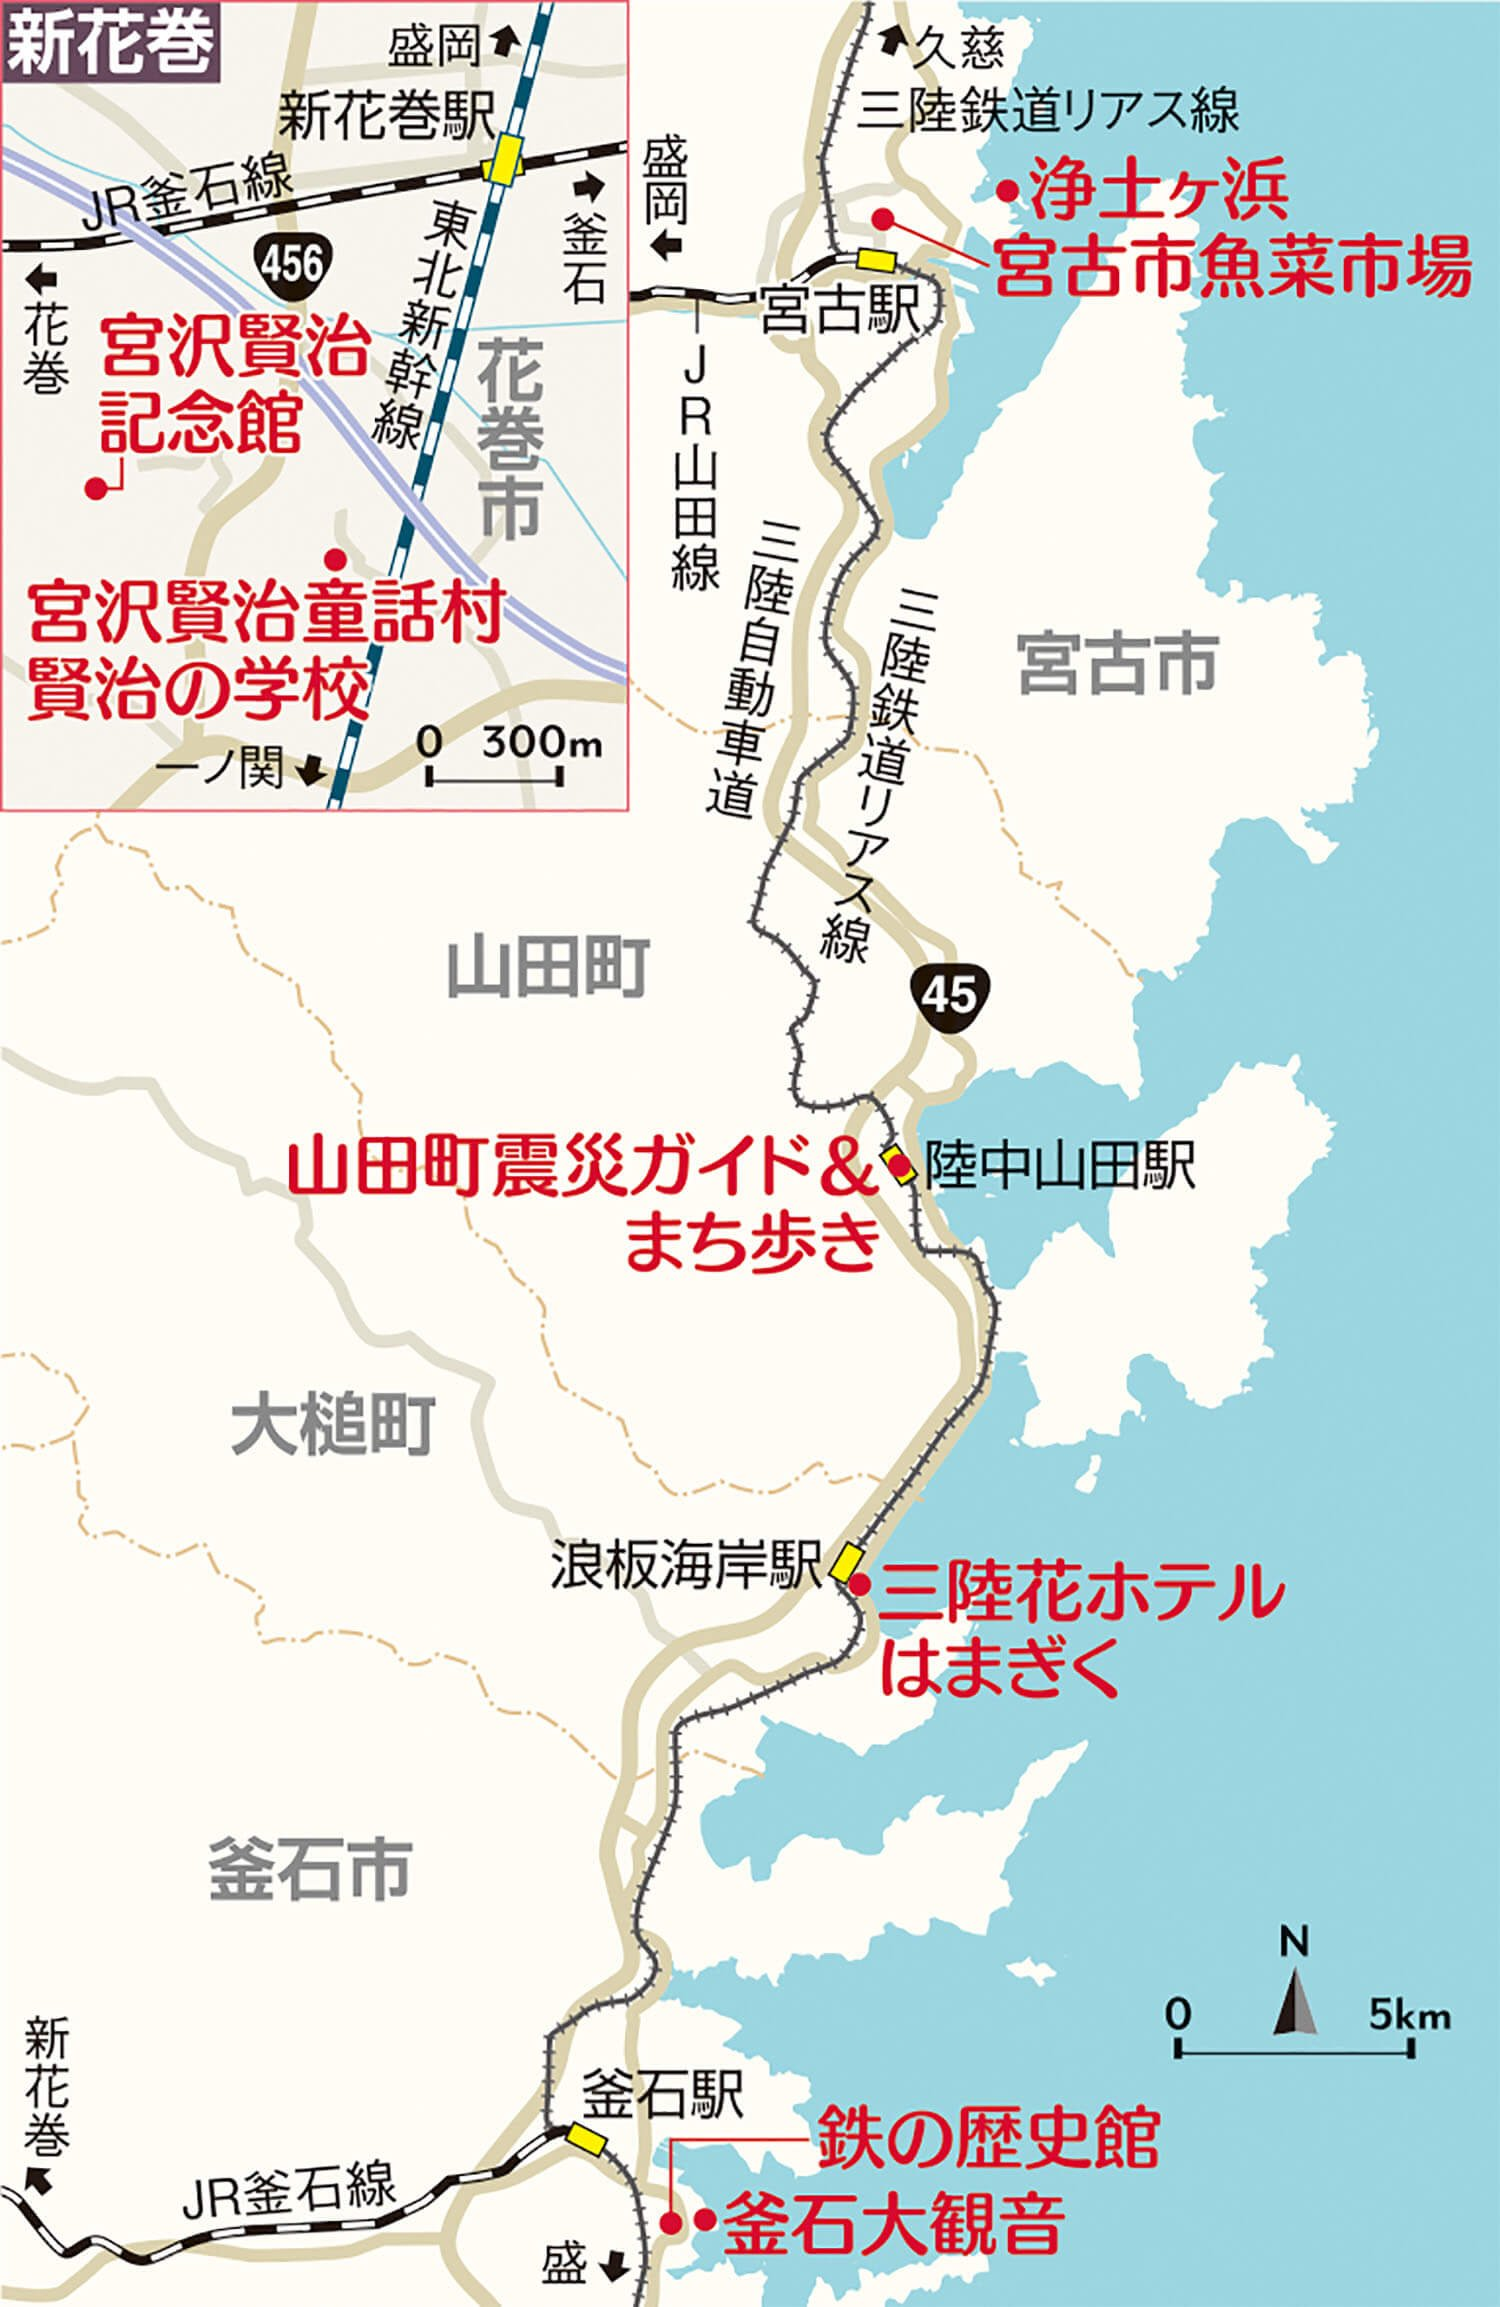 三陸鉄道で海沿い列車旅マップ